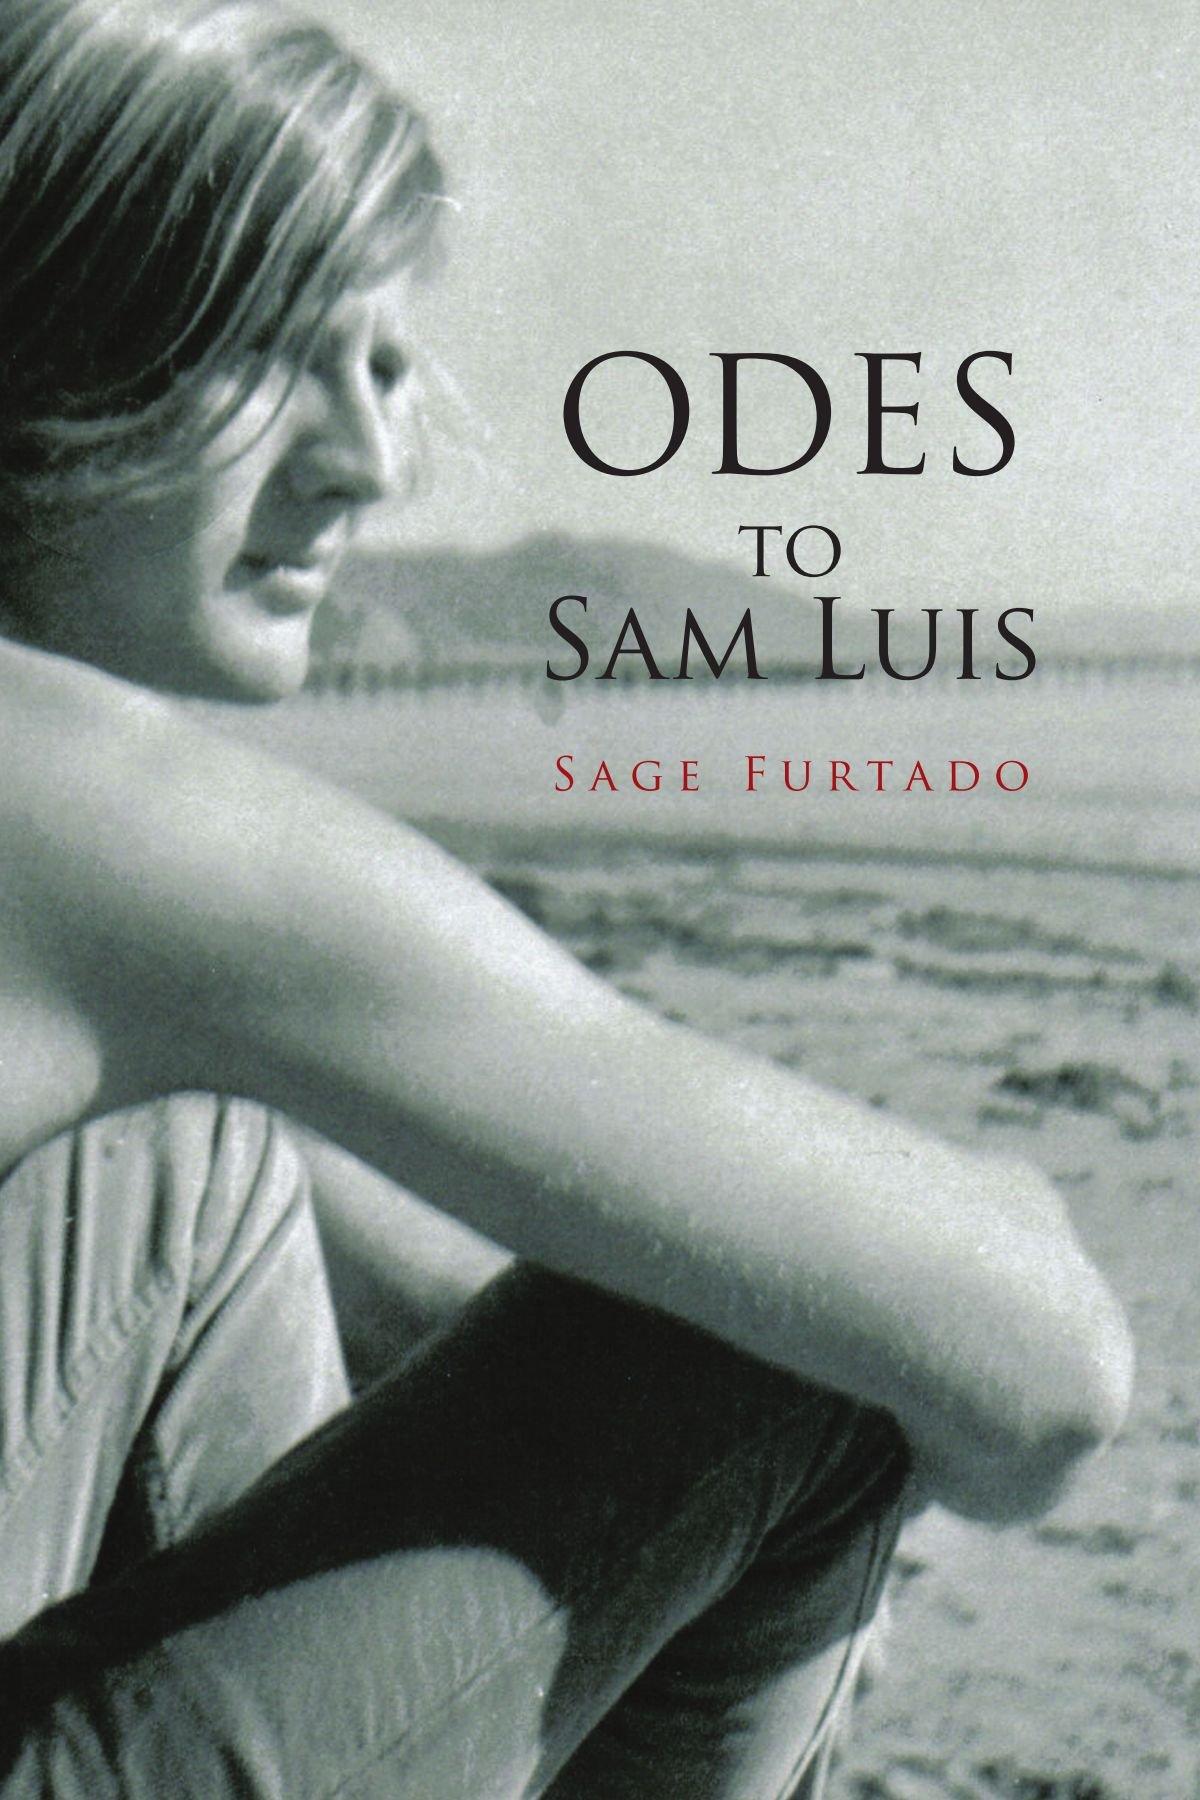 ODES to Sam Luis